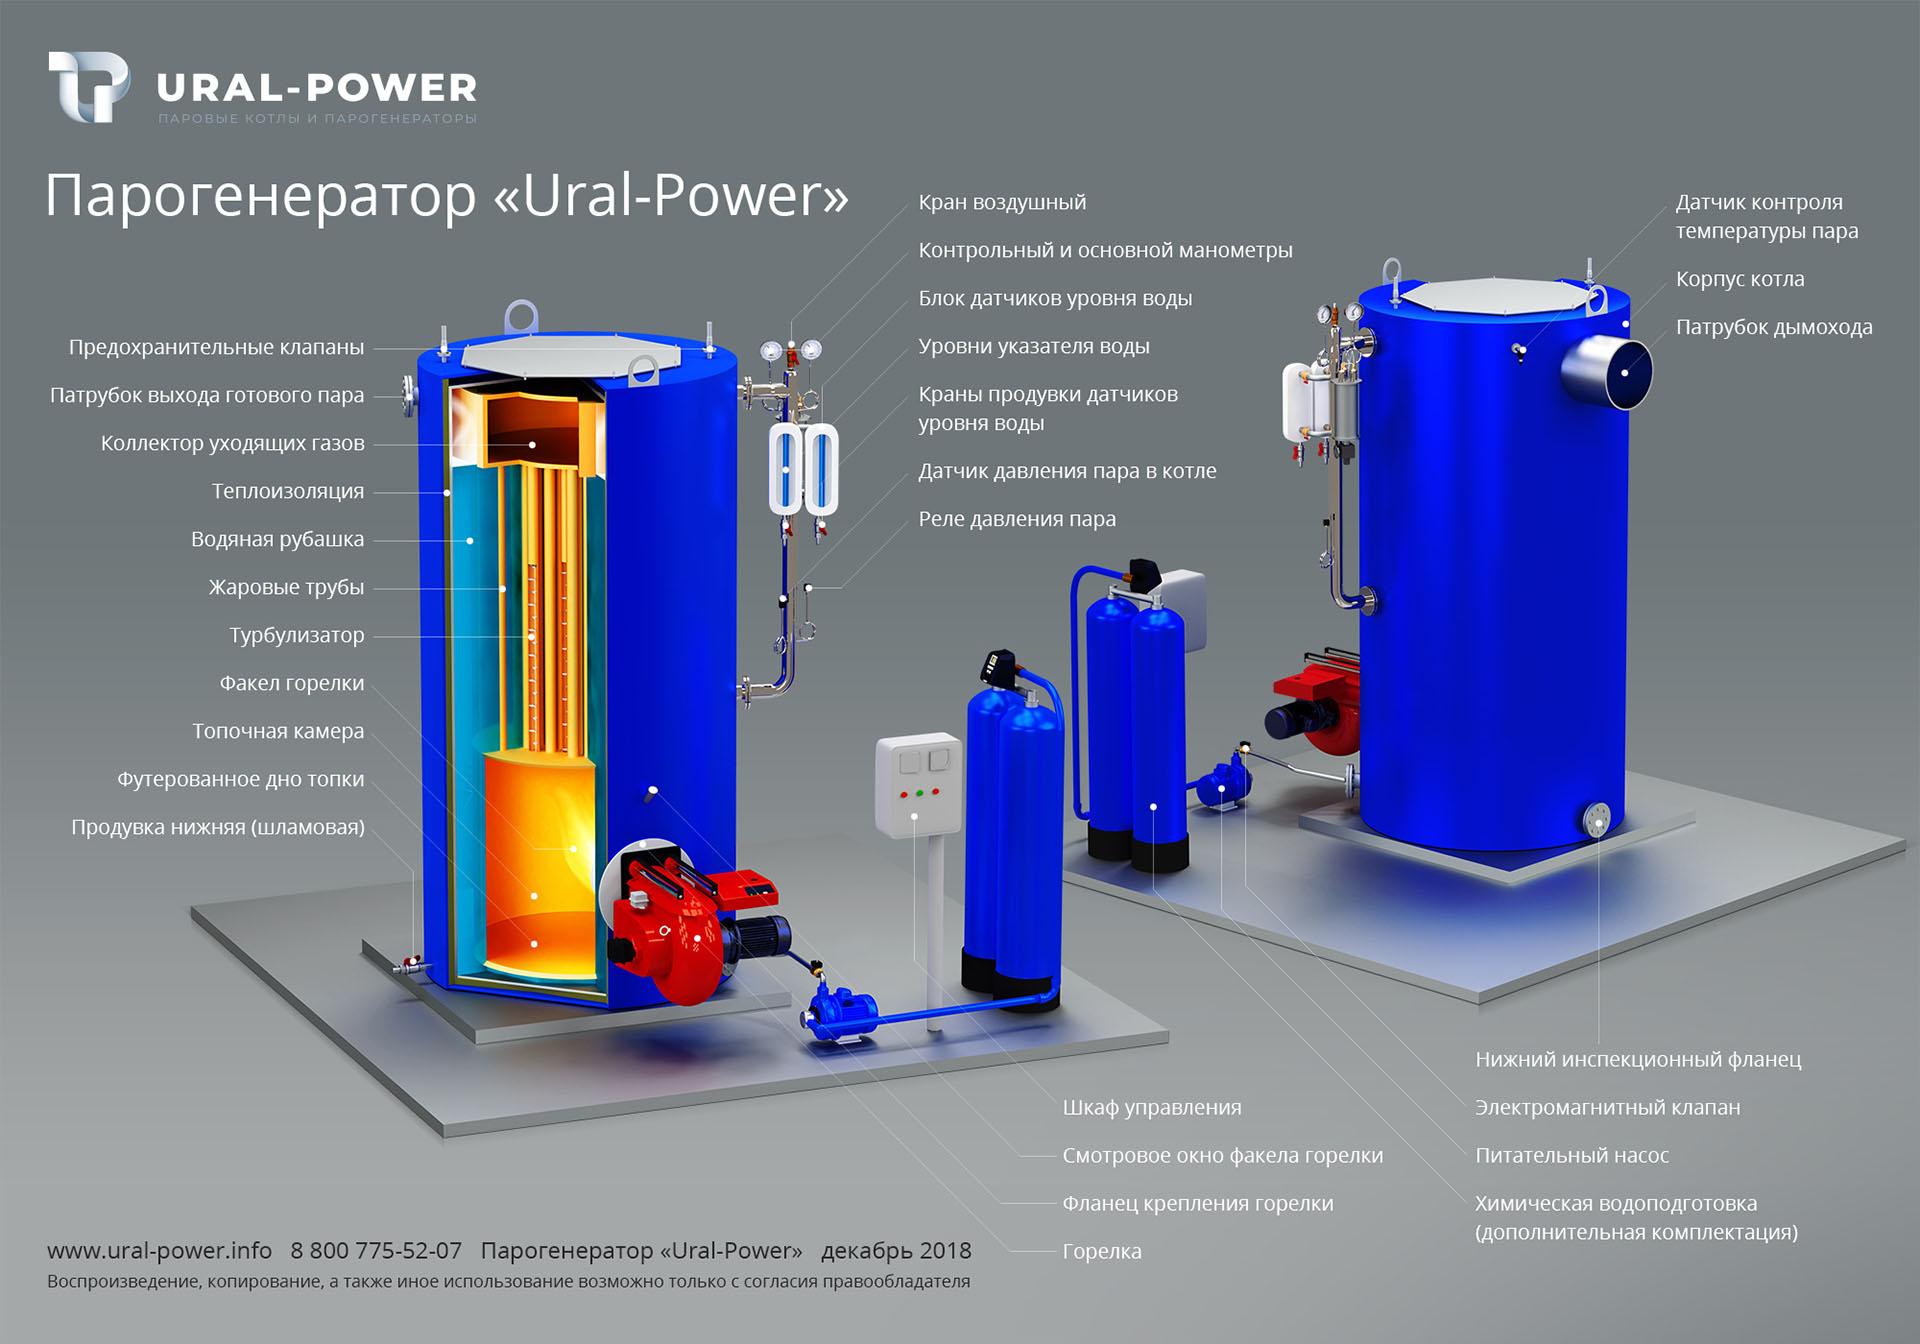 Парогенератор дизельный URAL-POWER в разрезе